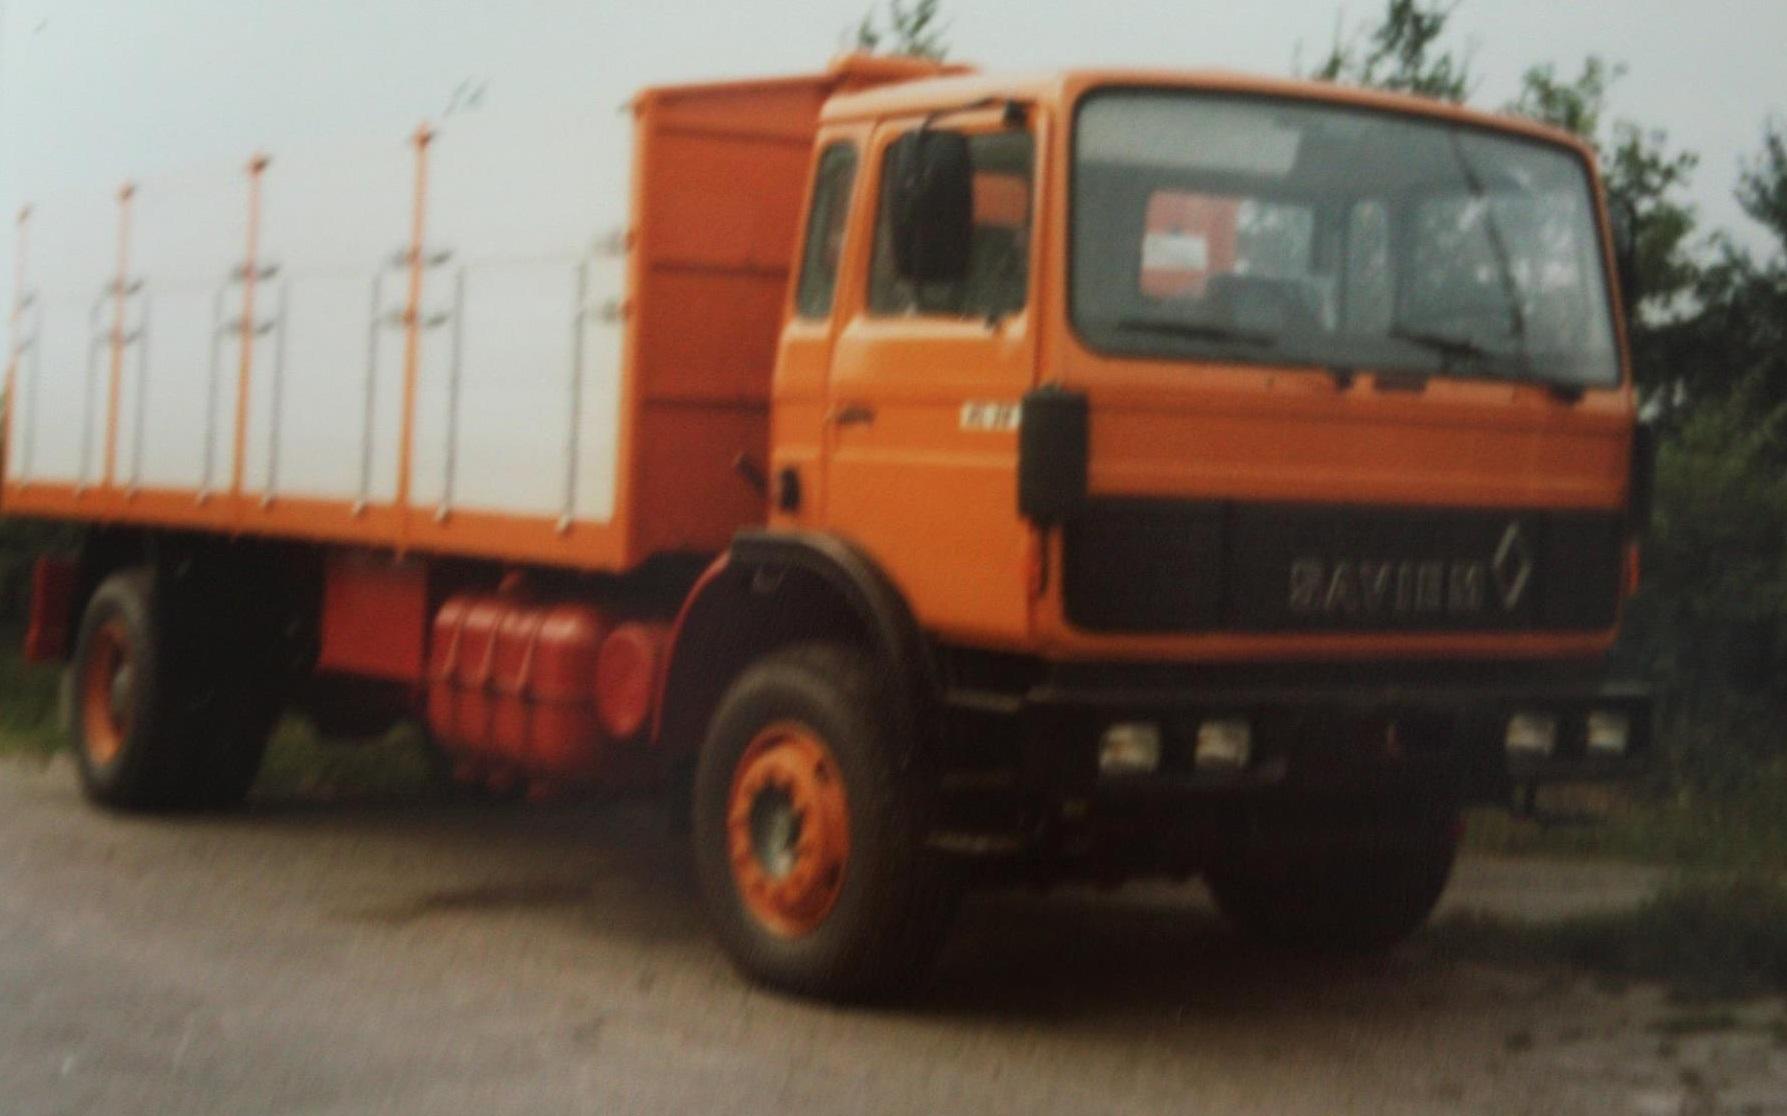 Saviem--bulkwagen-door-Rondaan-gebouwd--1